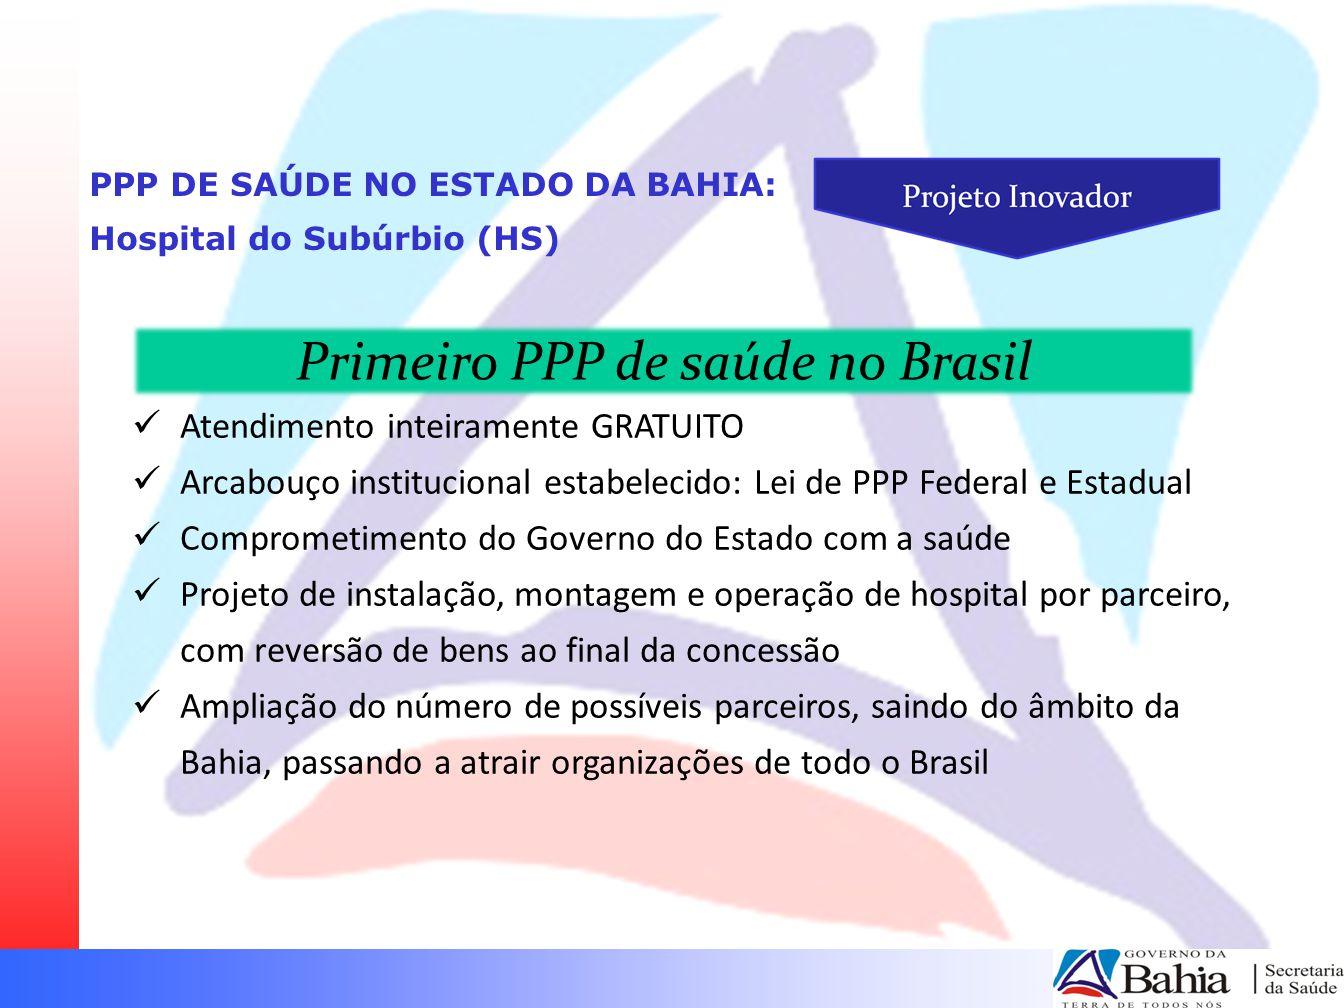 Primeiro PPP de saúde no Brasil